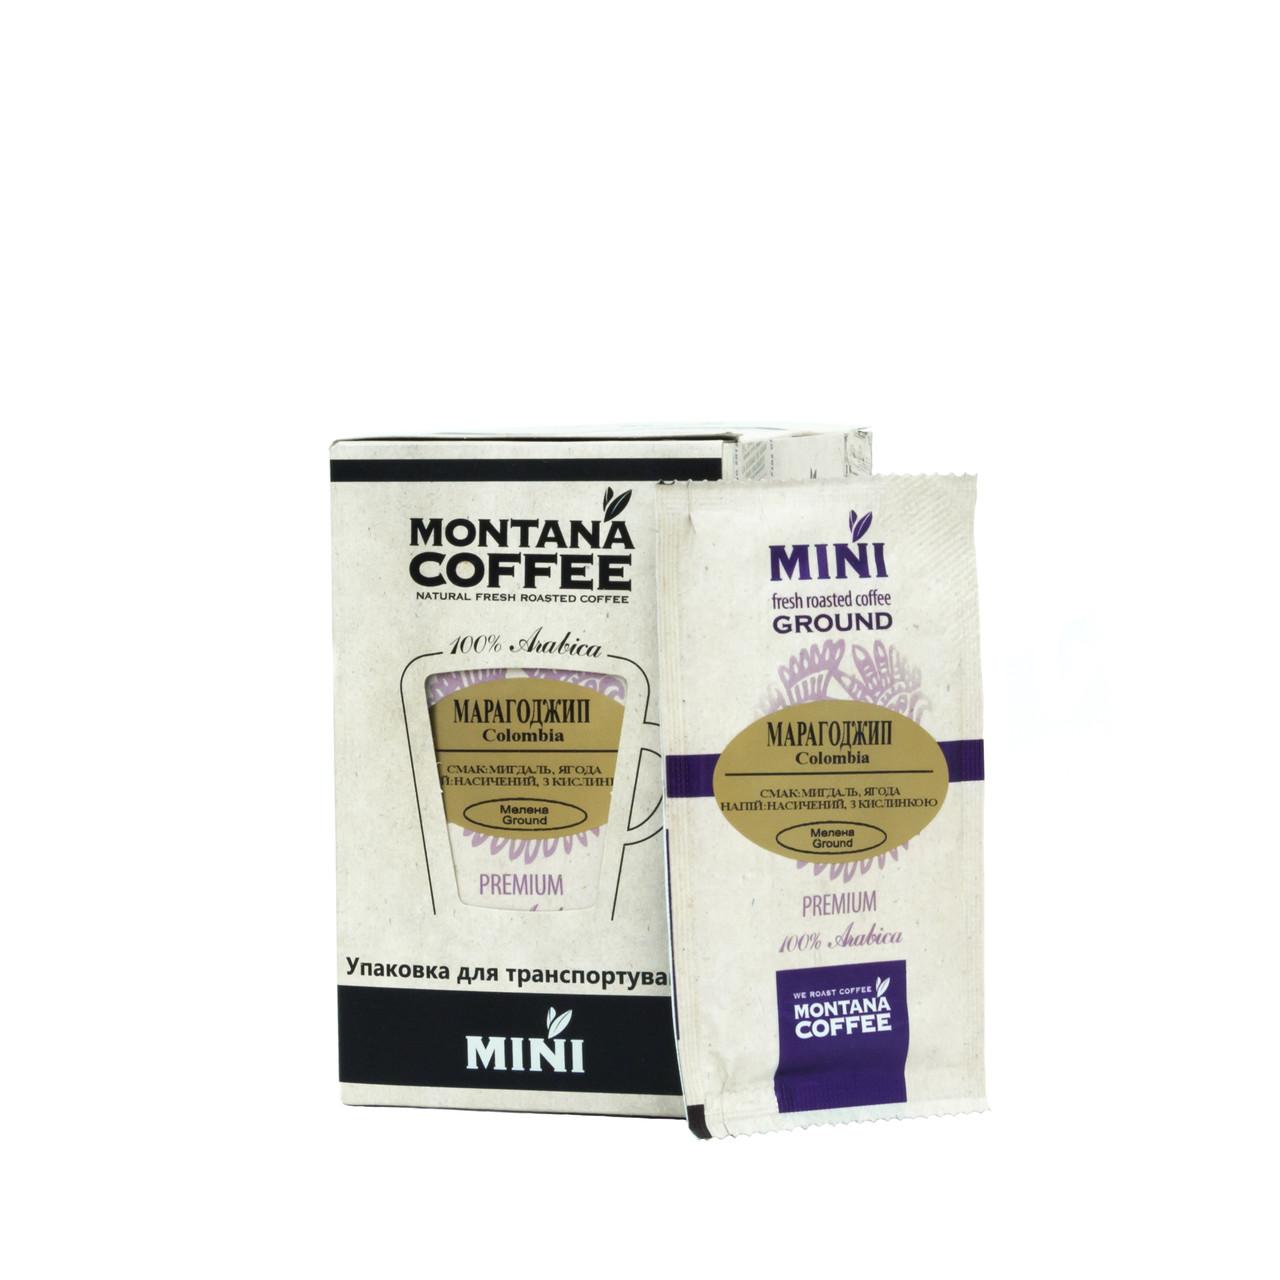 Марагоджип Montana coffee MINI 20 шт